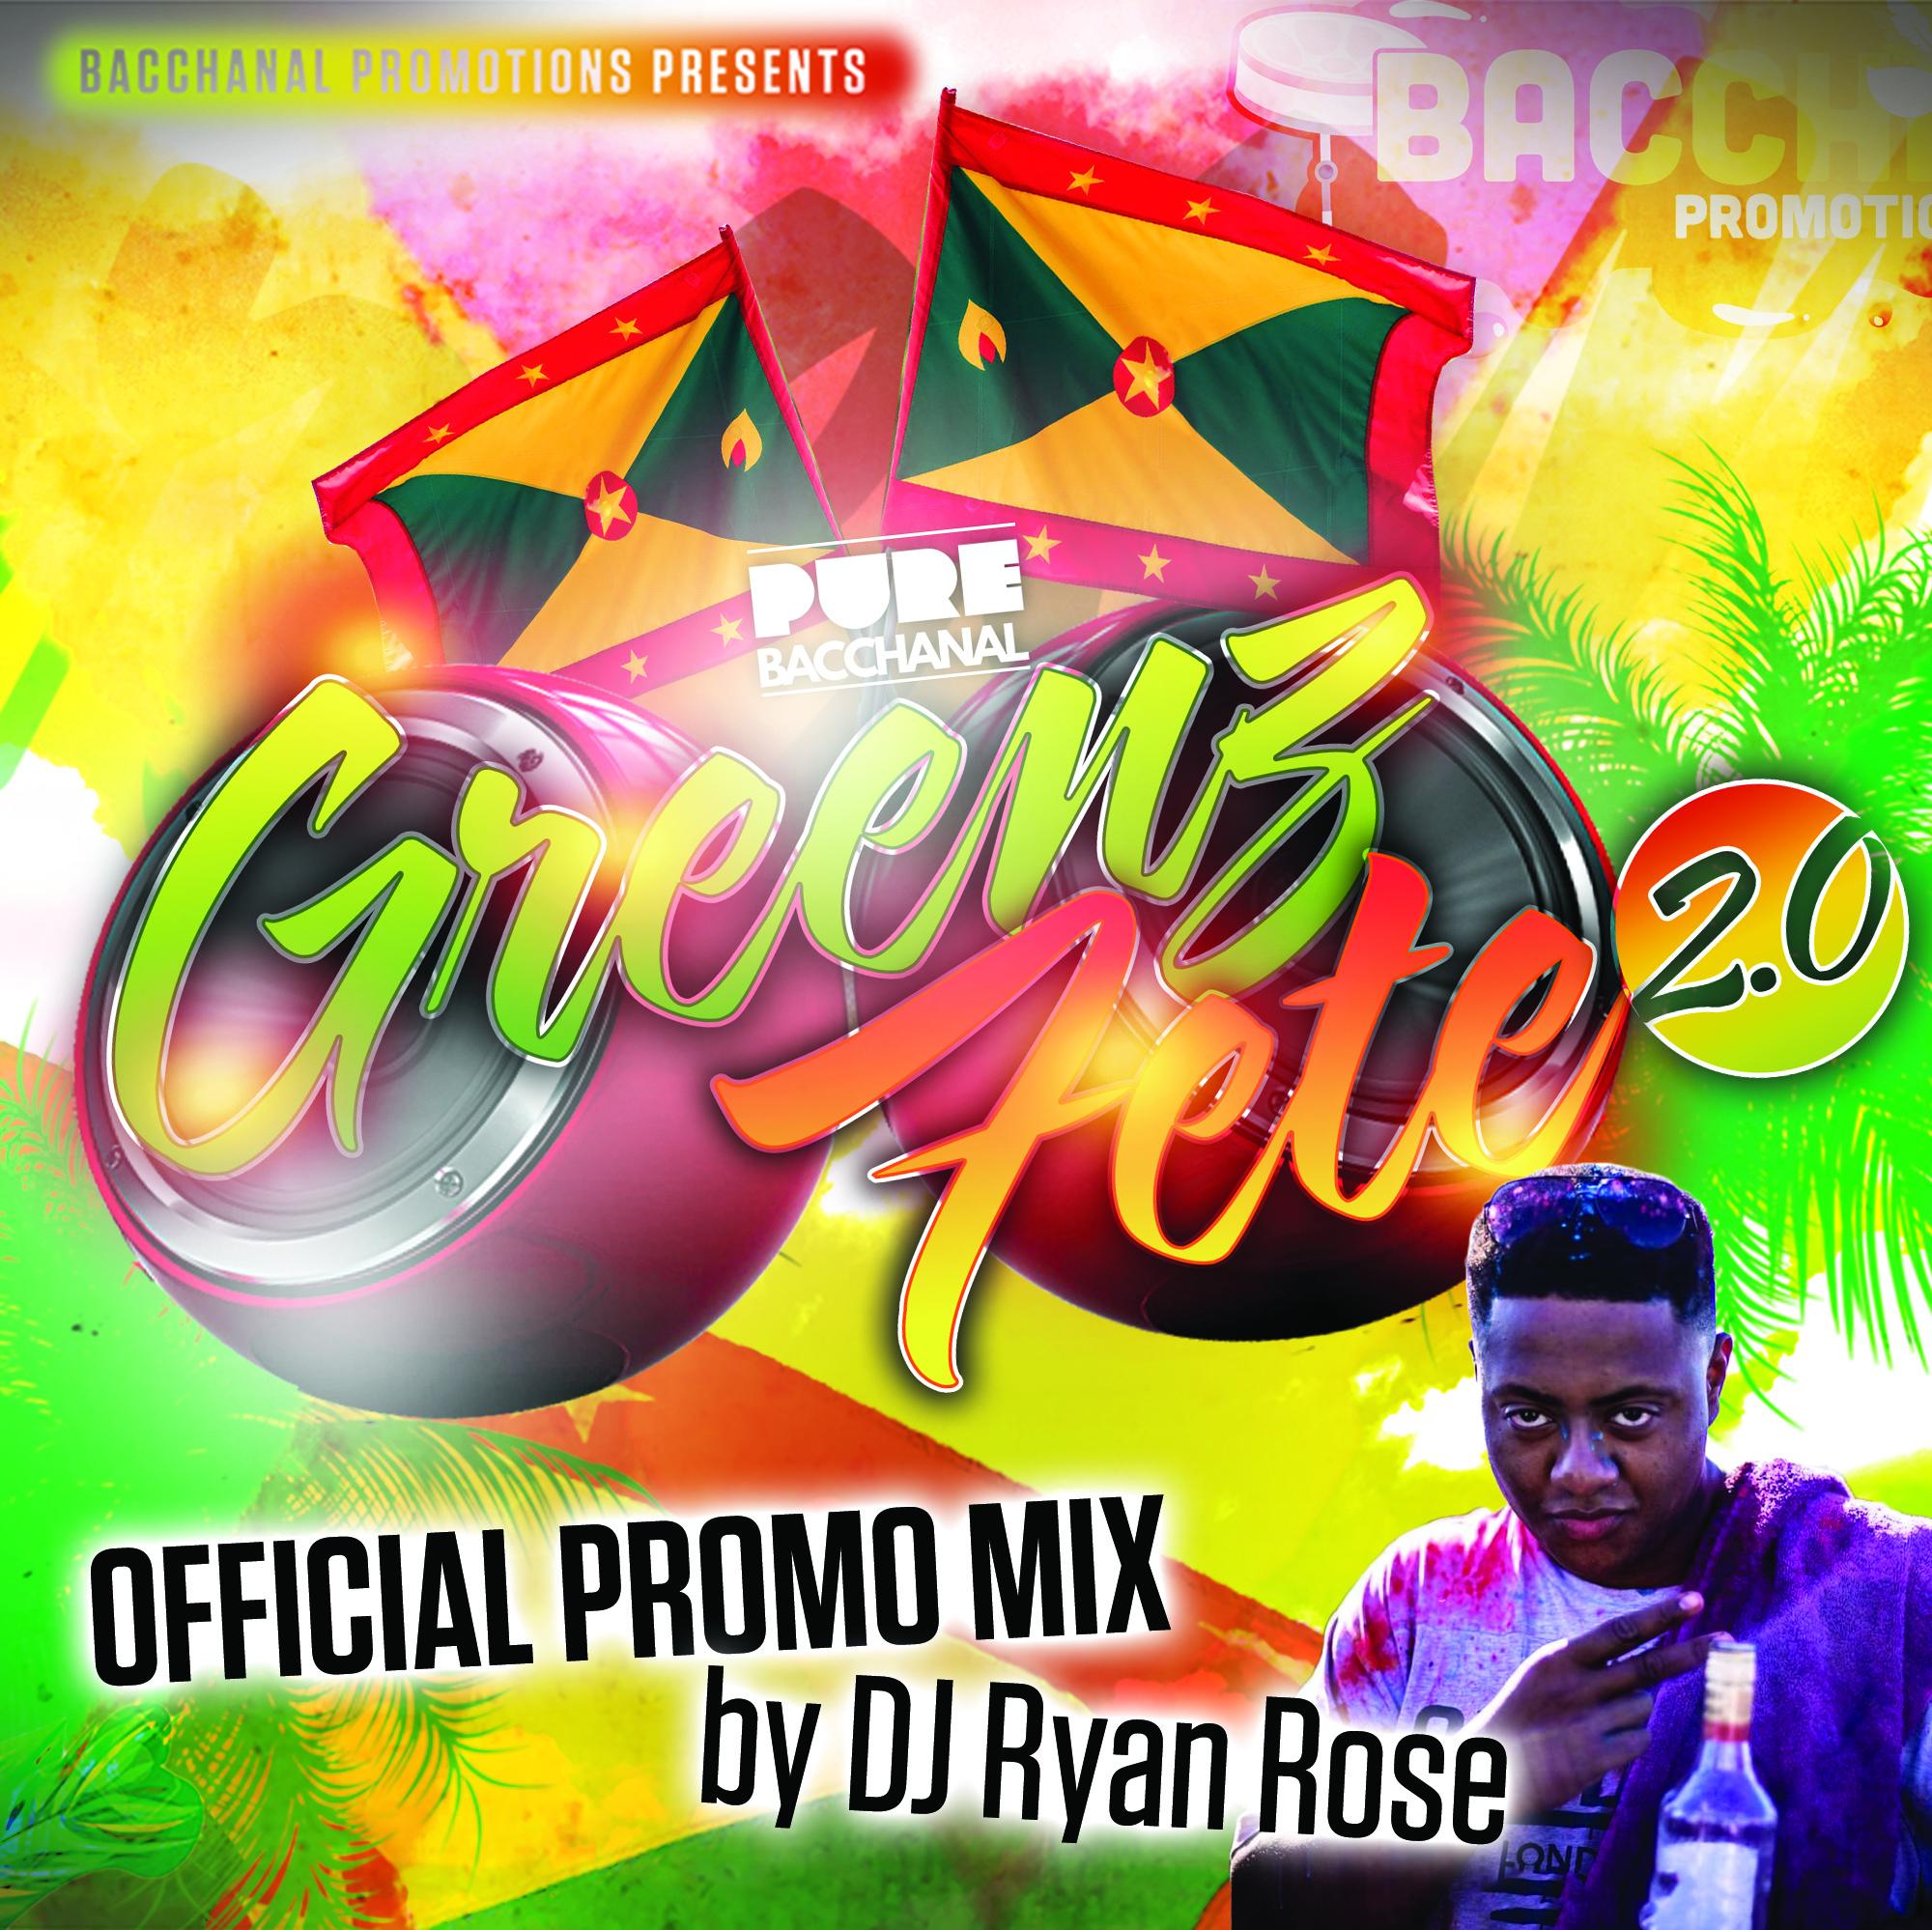 Greenz Fete 2.0 Mix